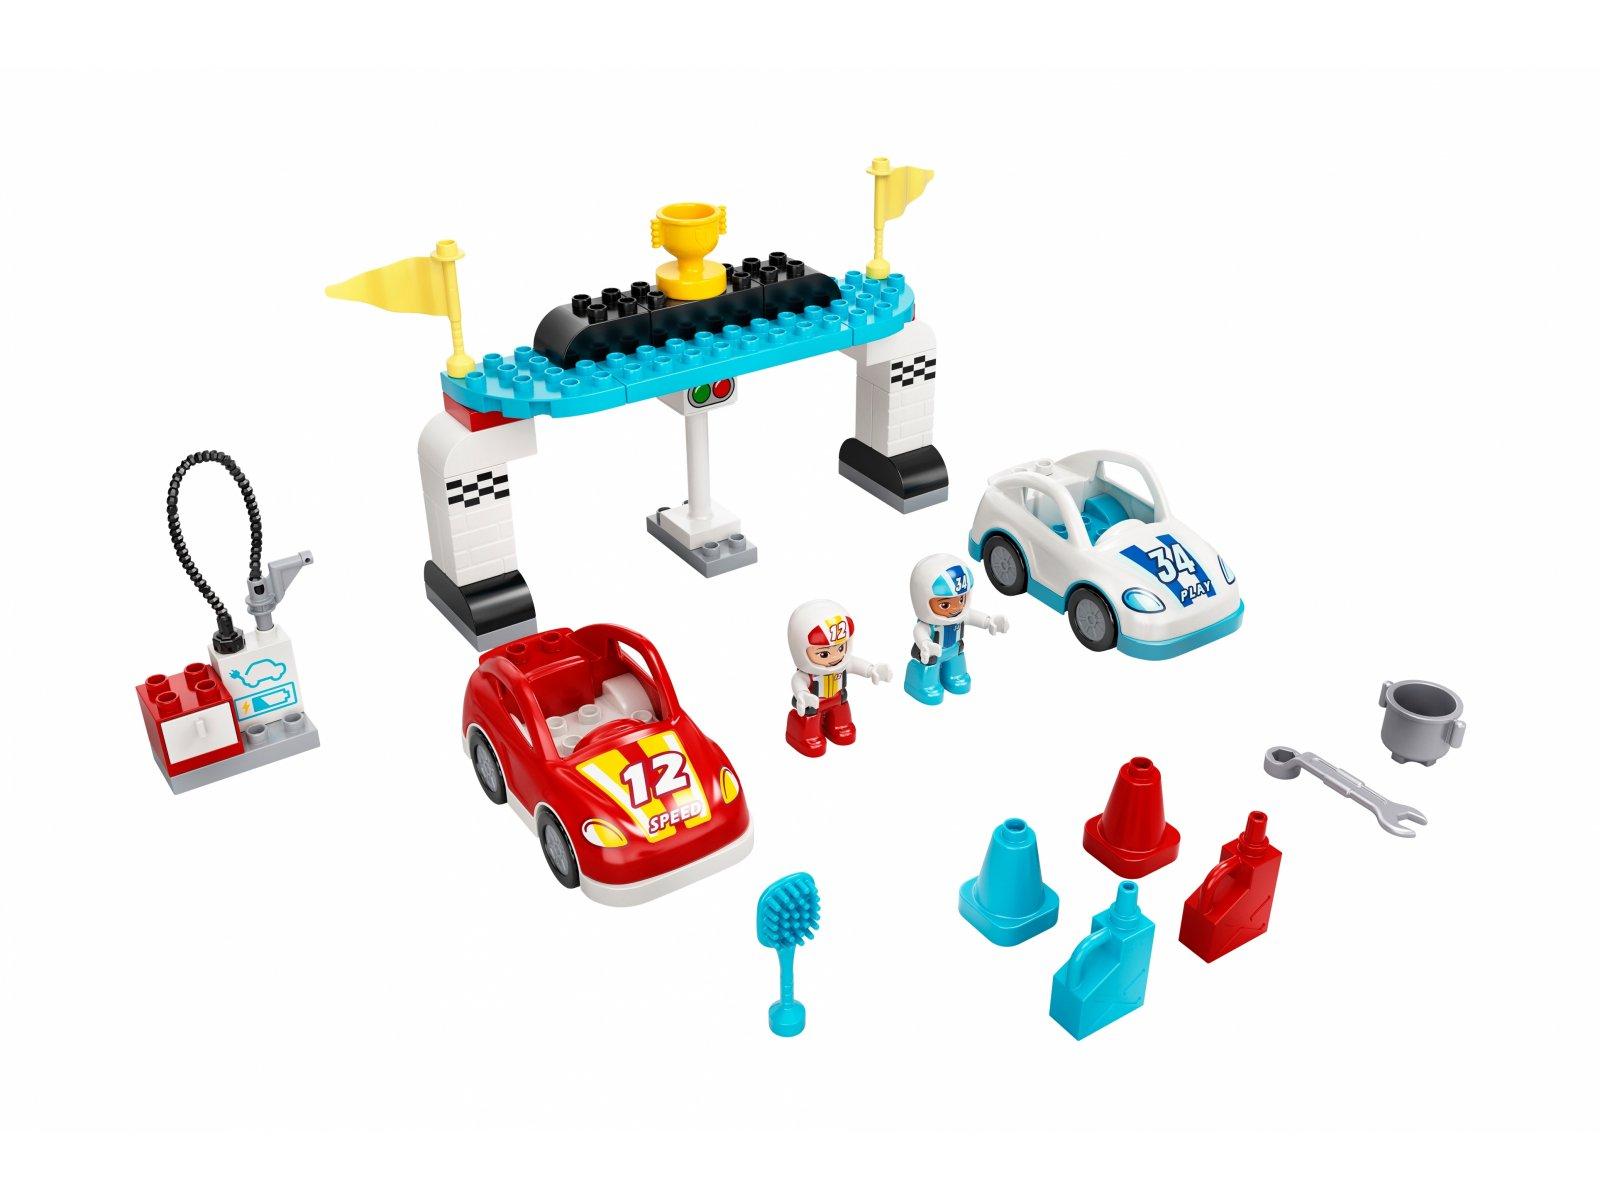 LEGO 10947 Duplo Samochody wyścigowe